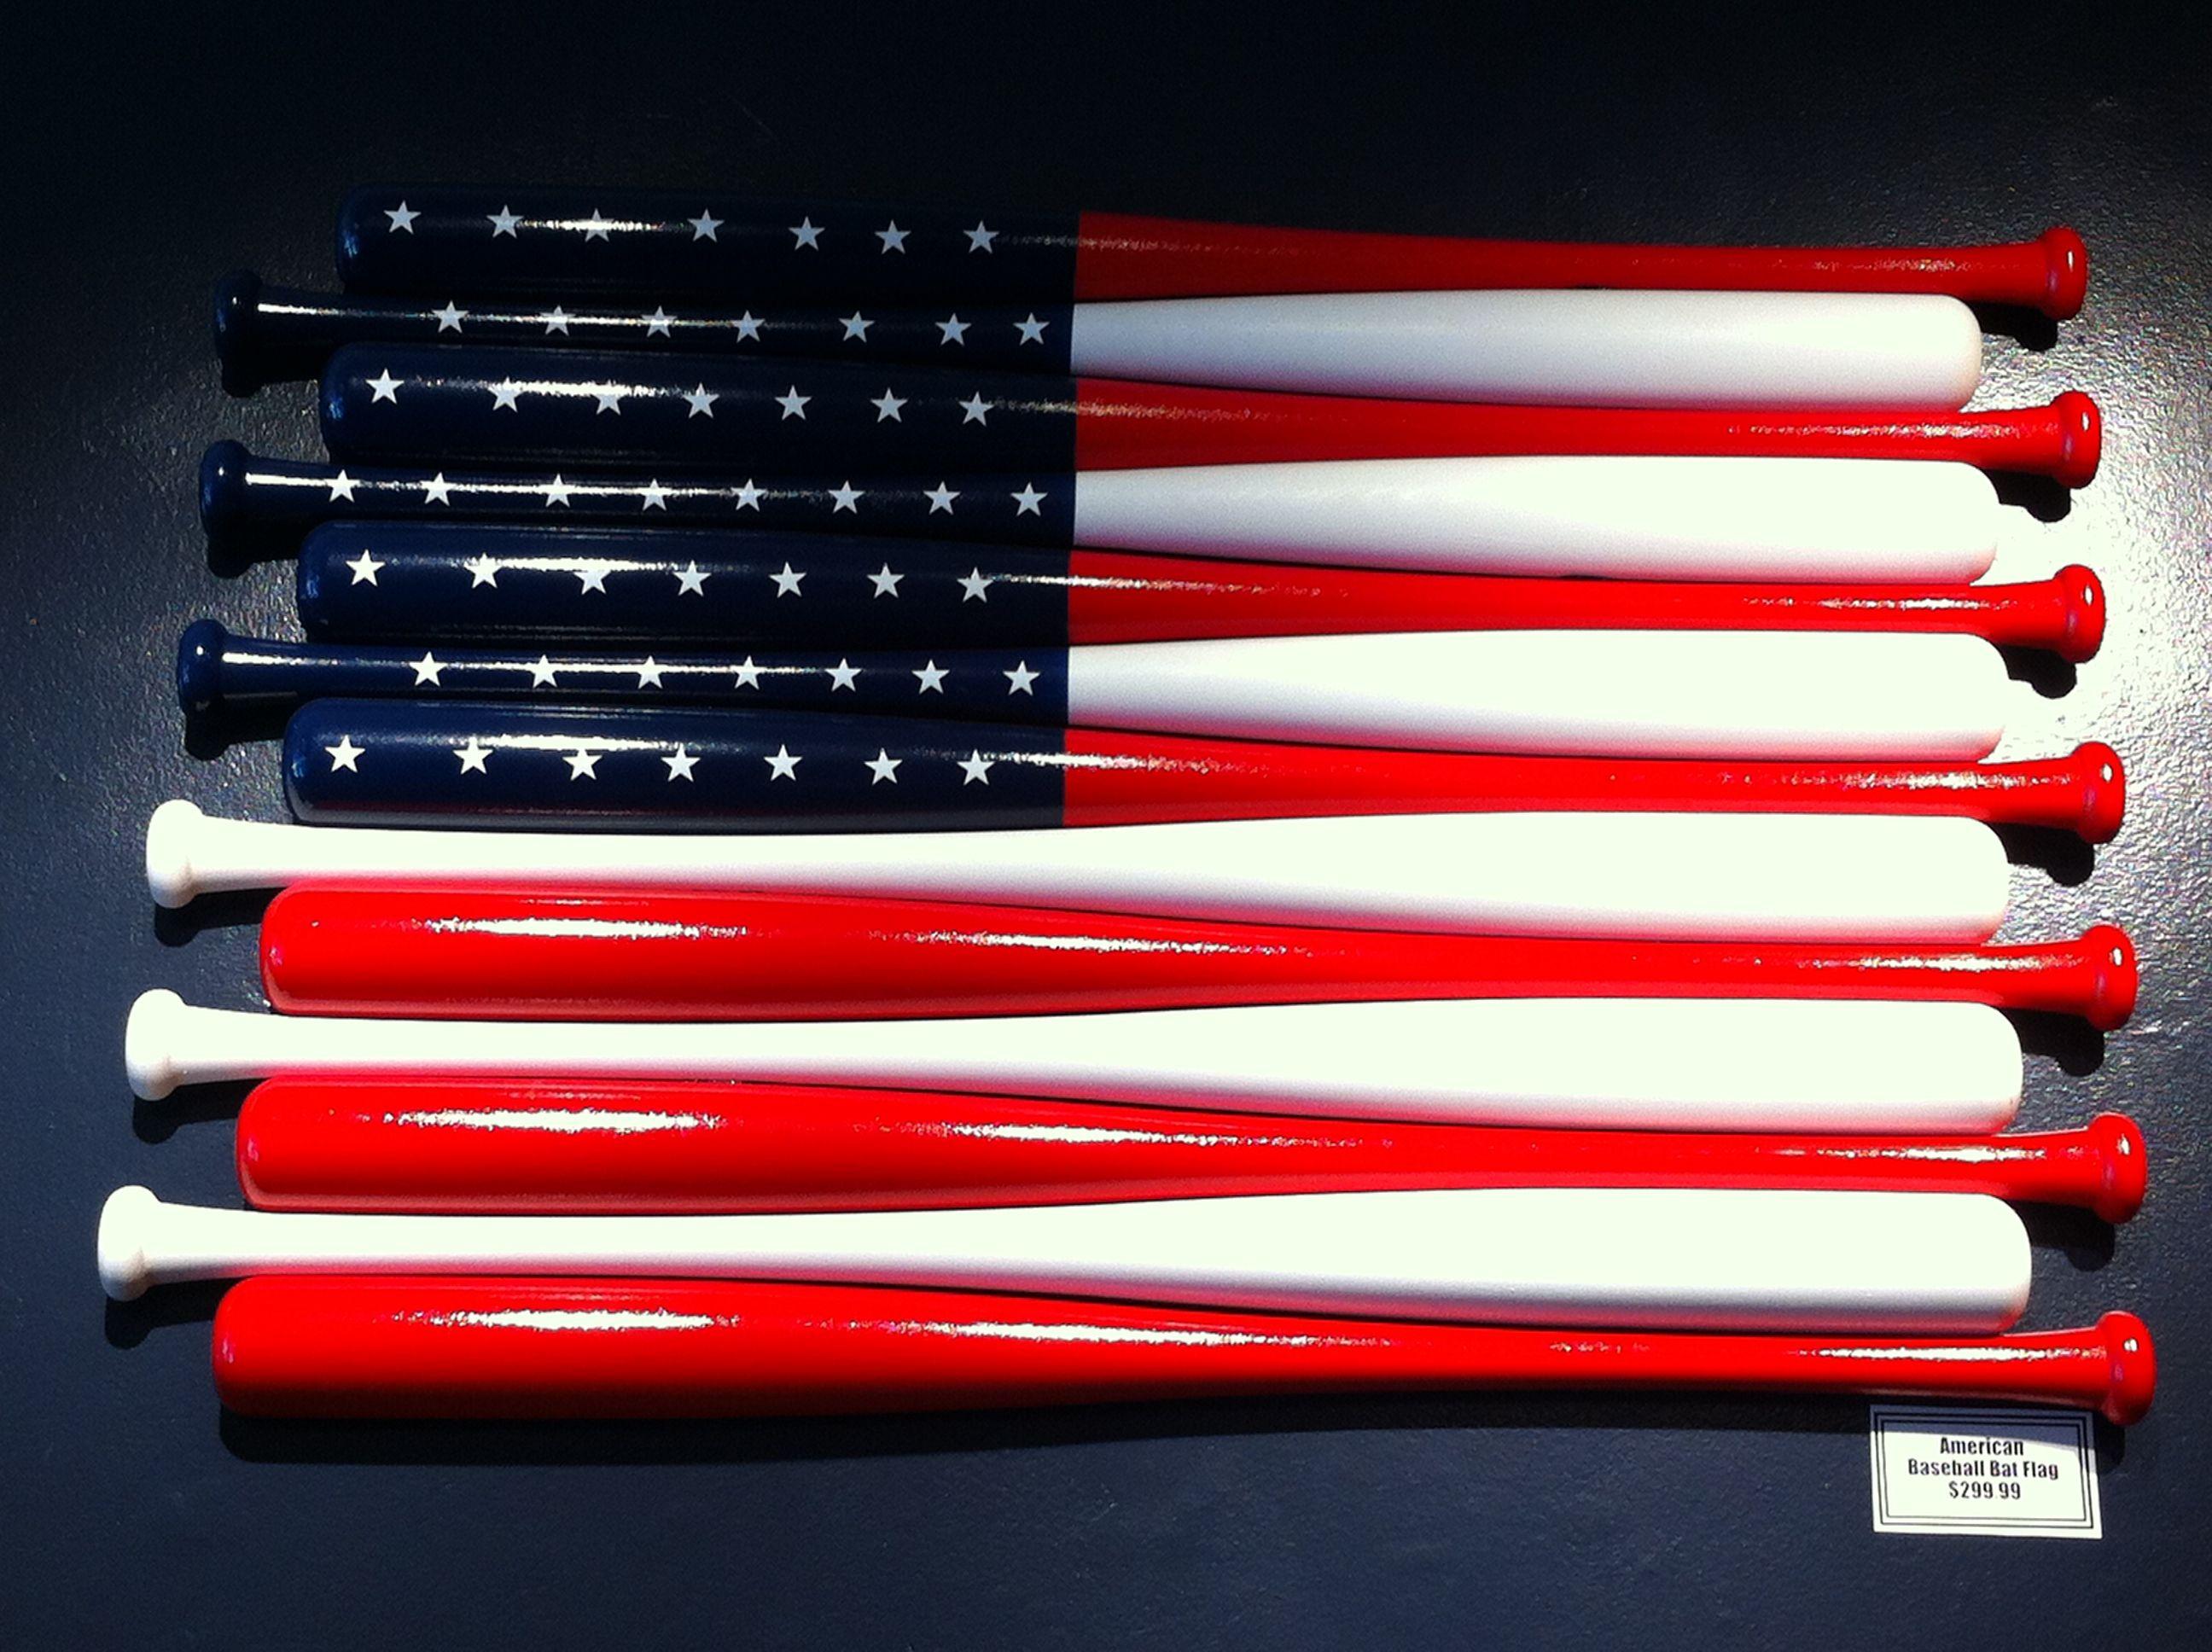 baseball bat flag baseball pinterest baseball bat Wall Pictures for Boys Room Artwork for Boys Room